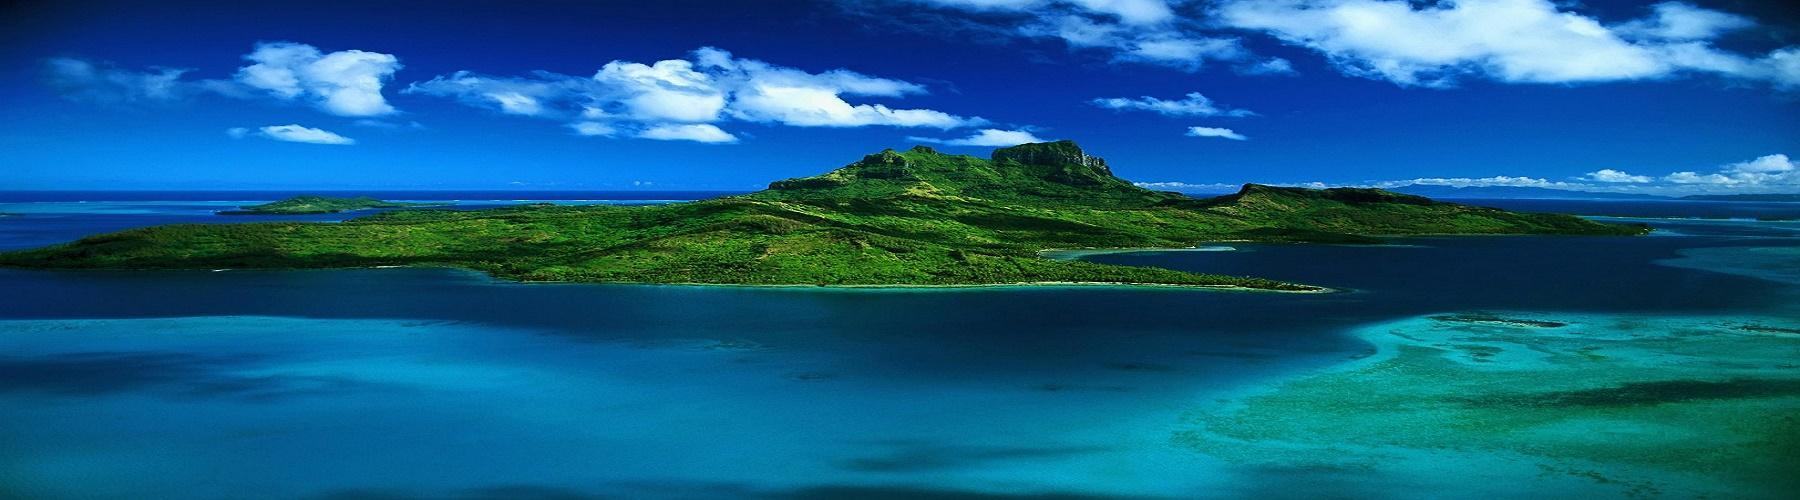 Отдых на о.Маврикий